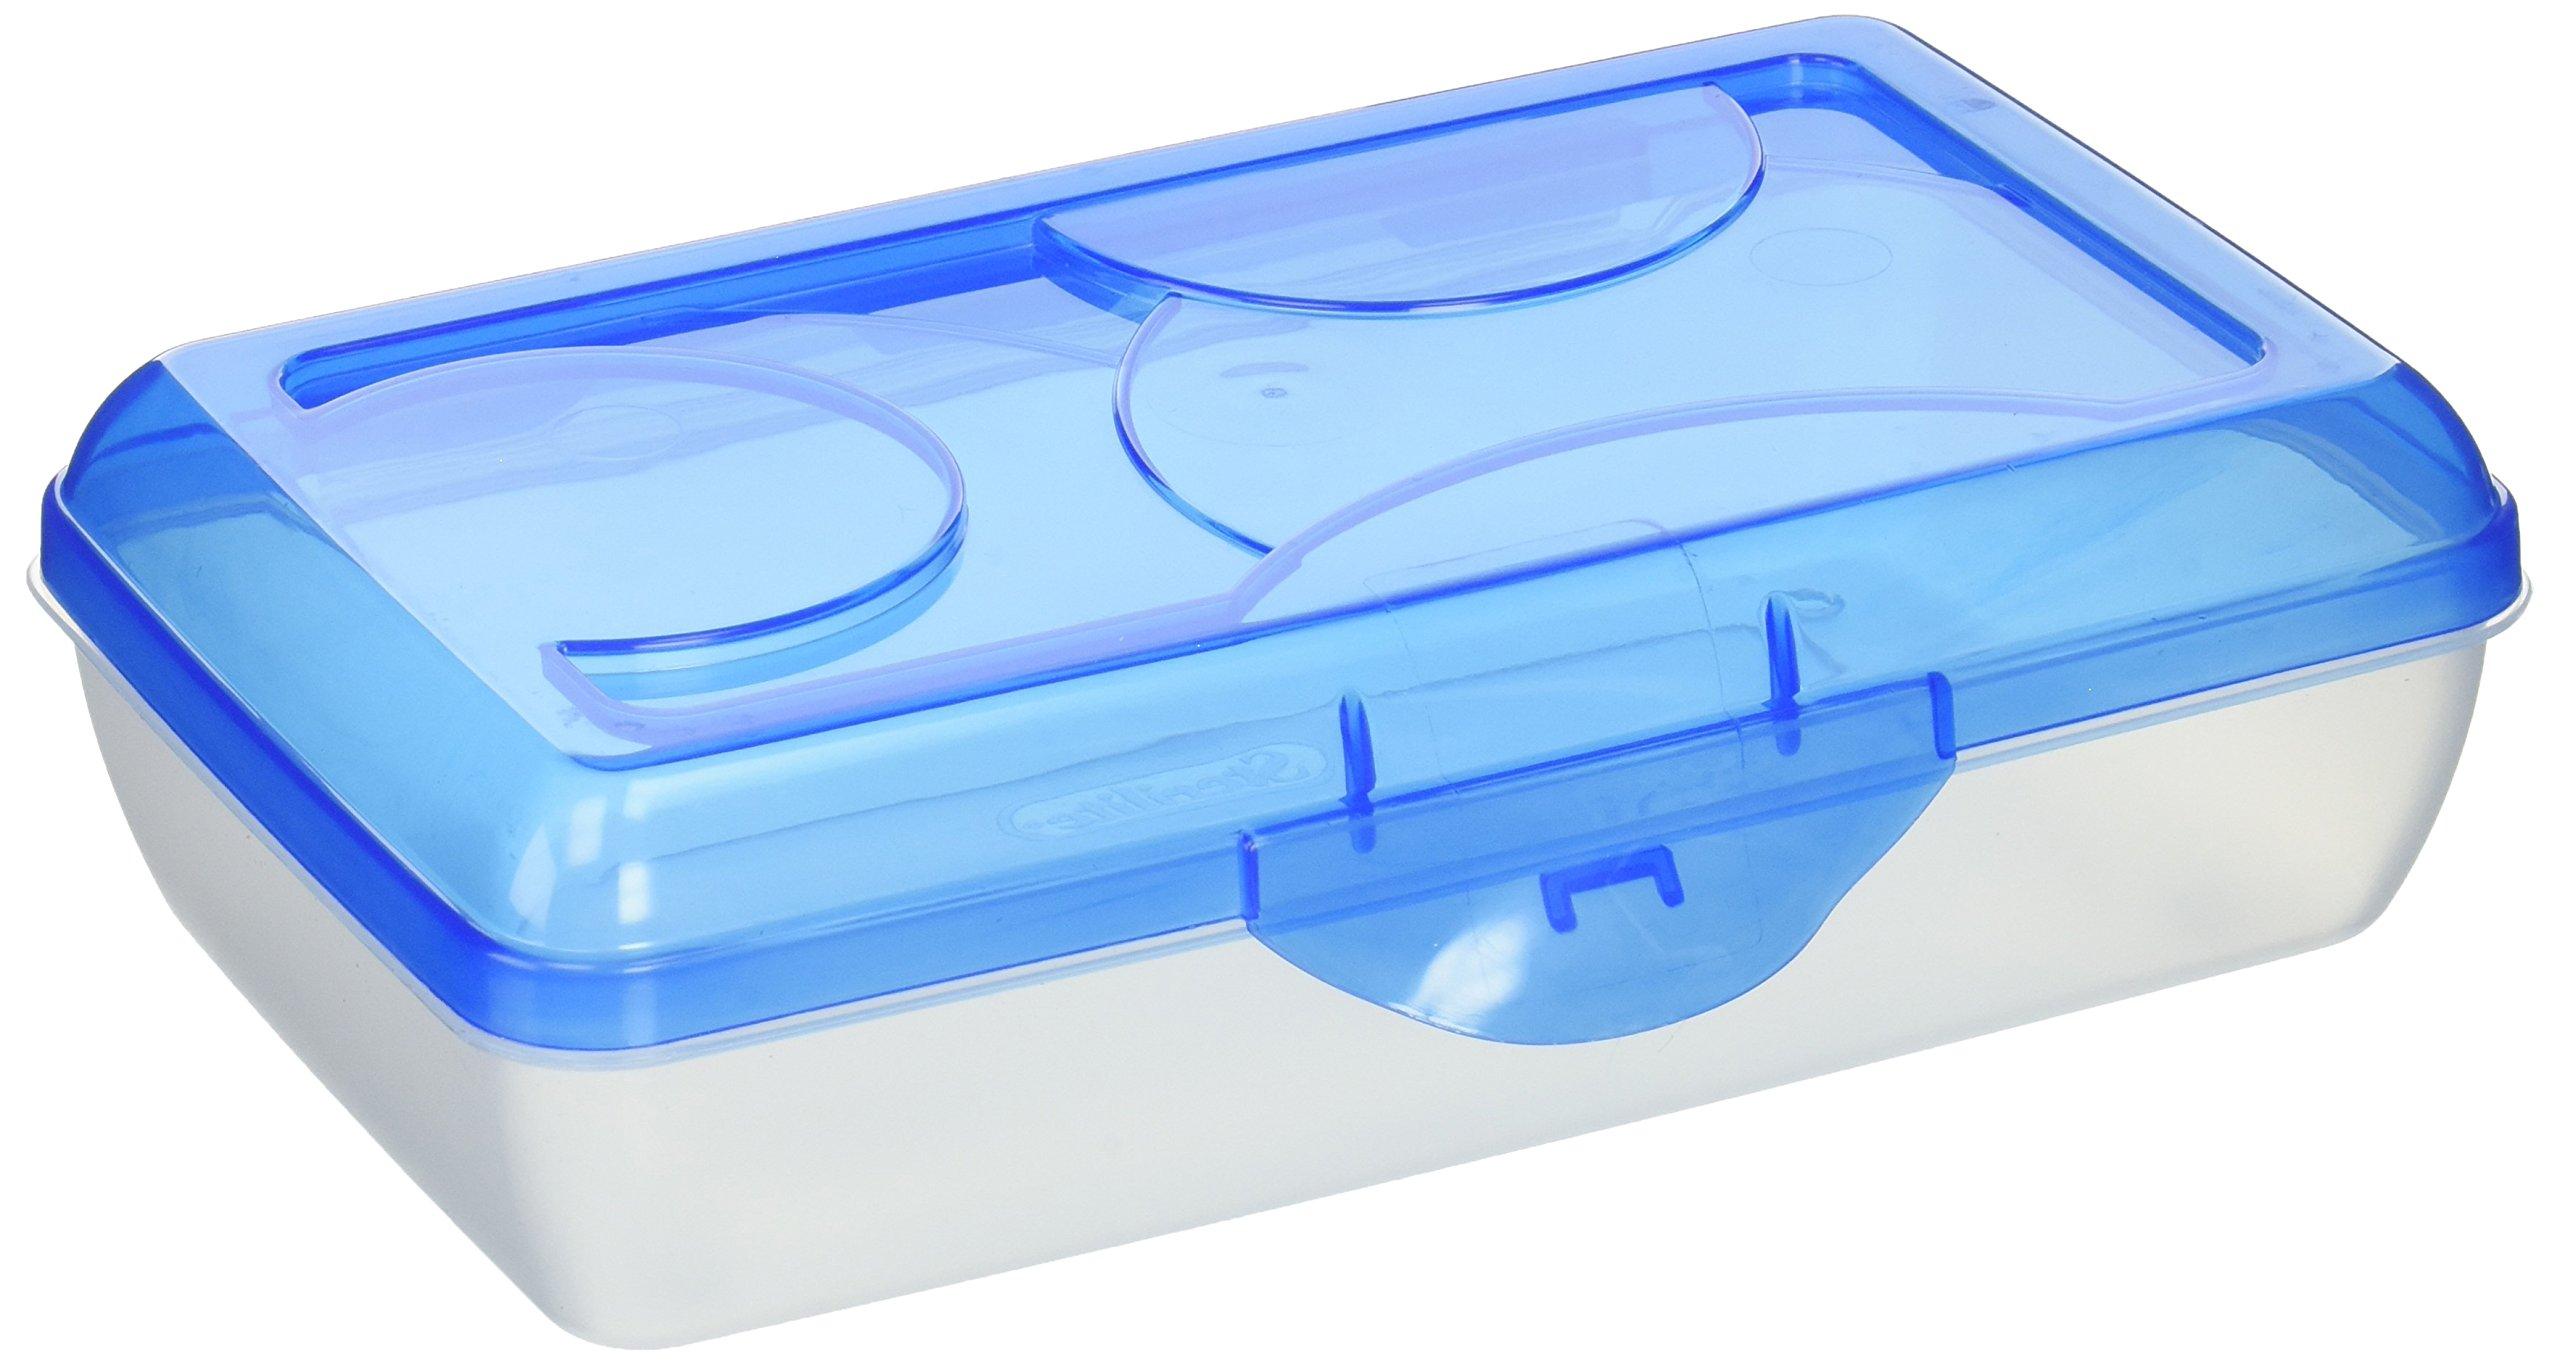 Sterilite 17234812 Plastic Pencil Box, Pack of 6